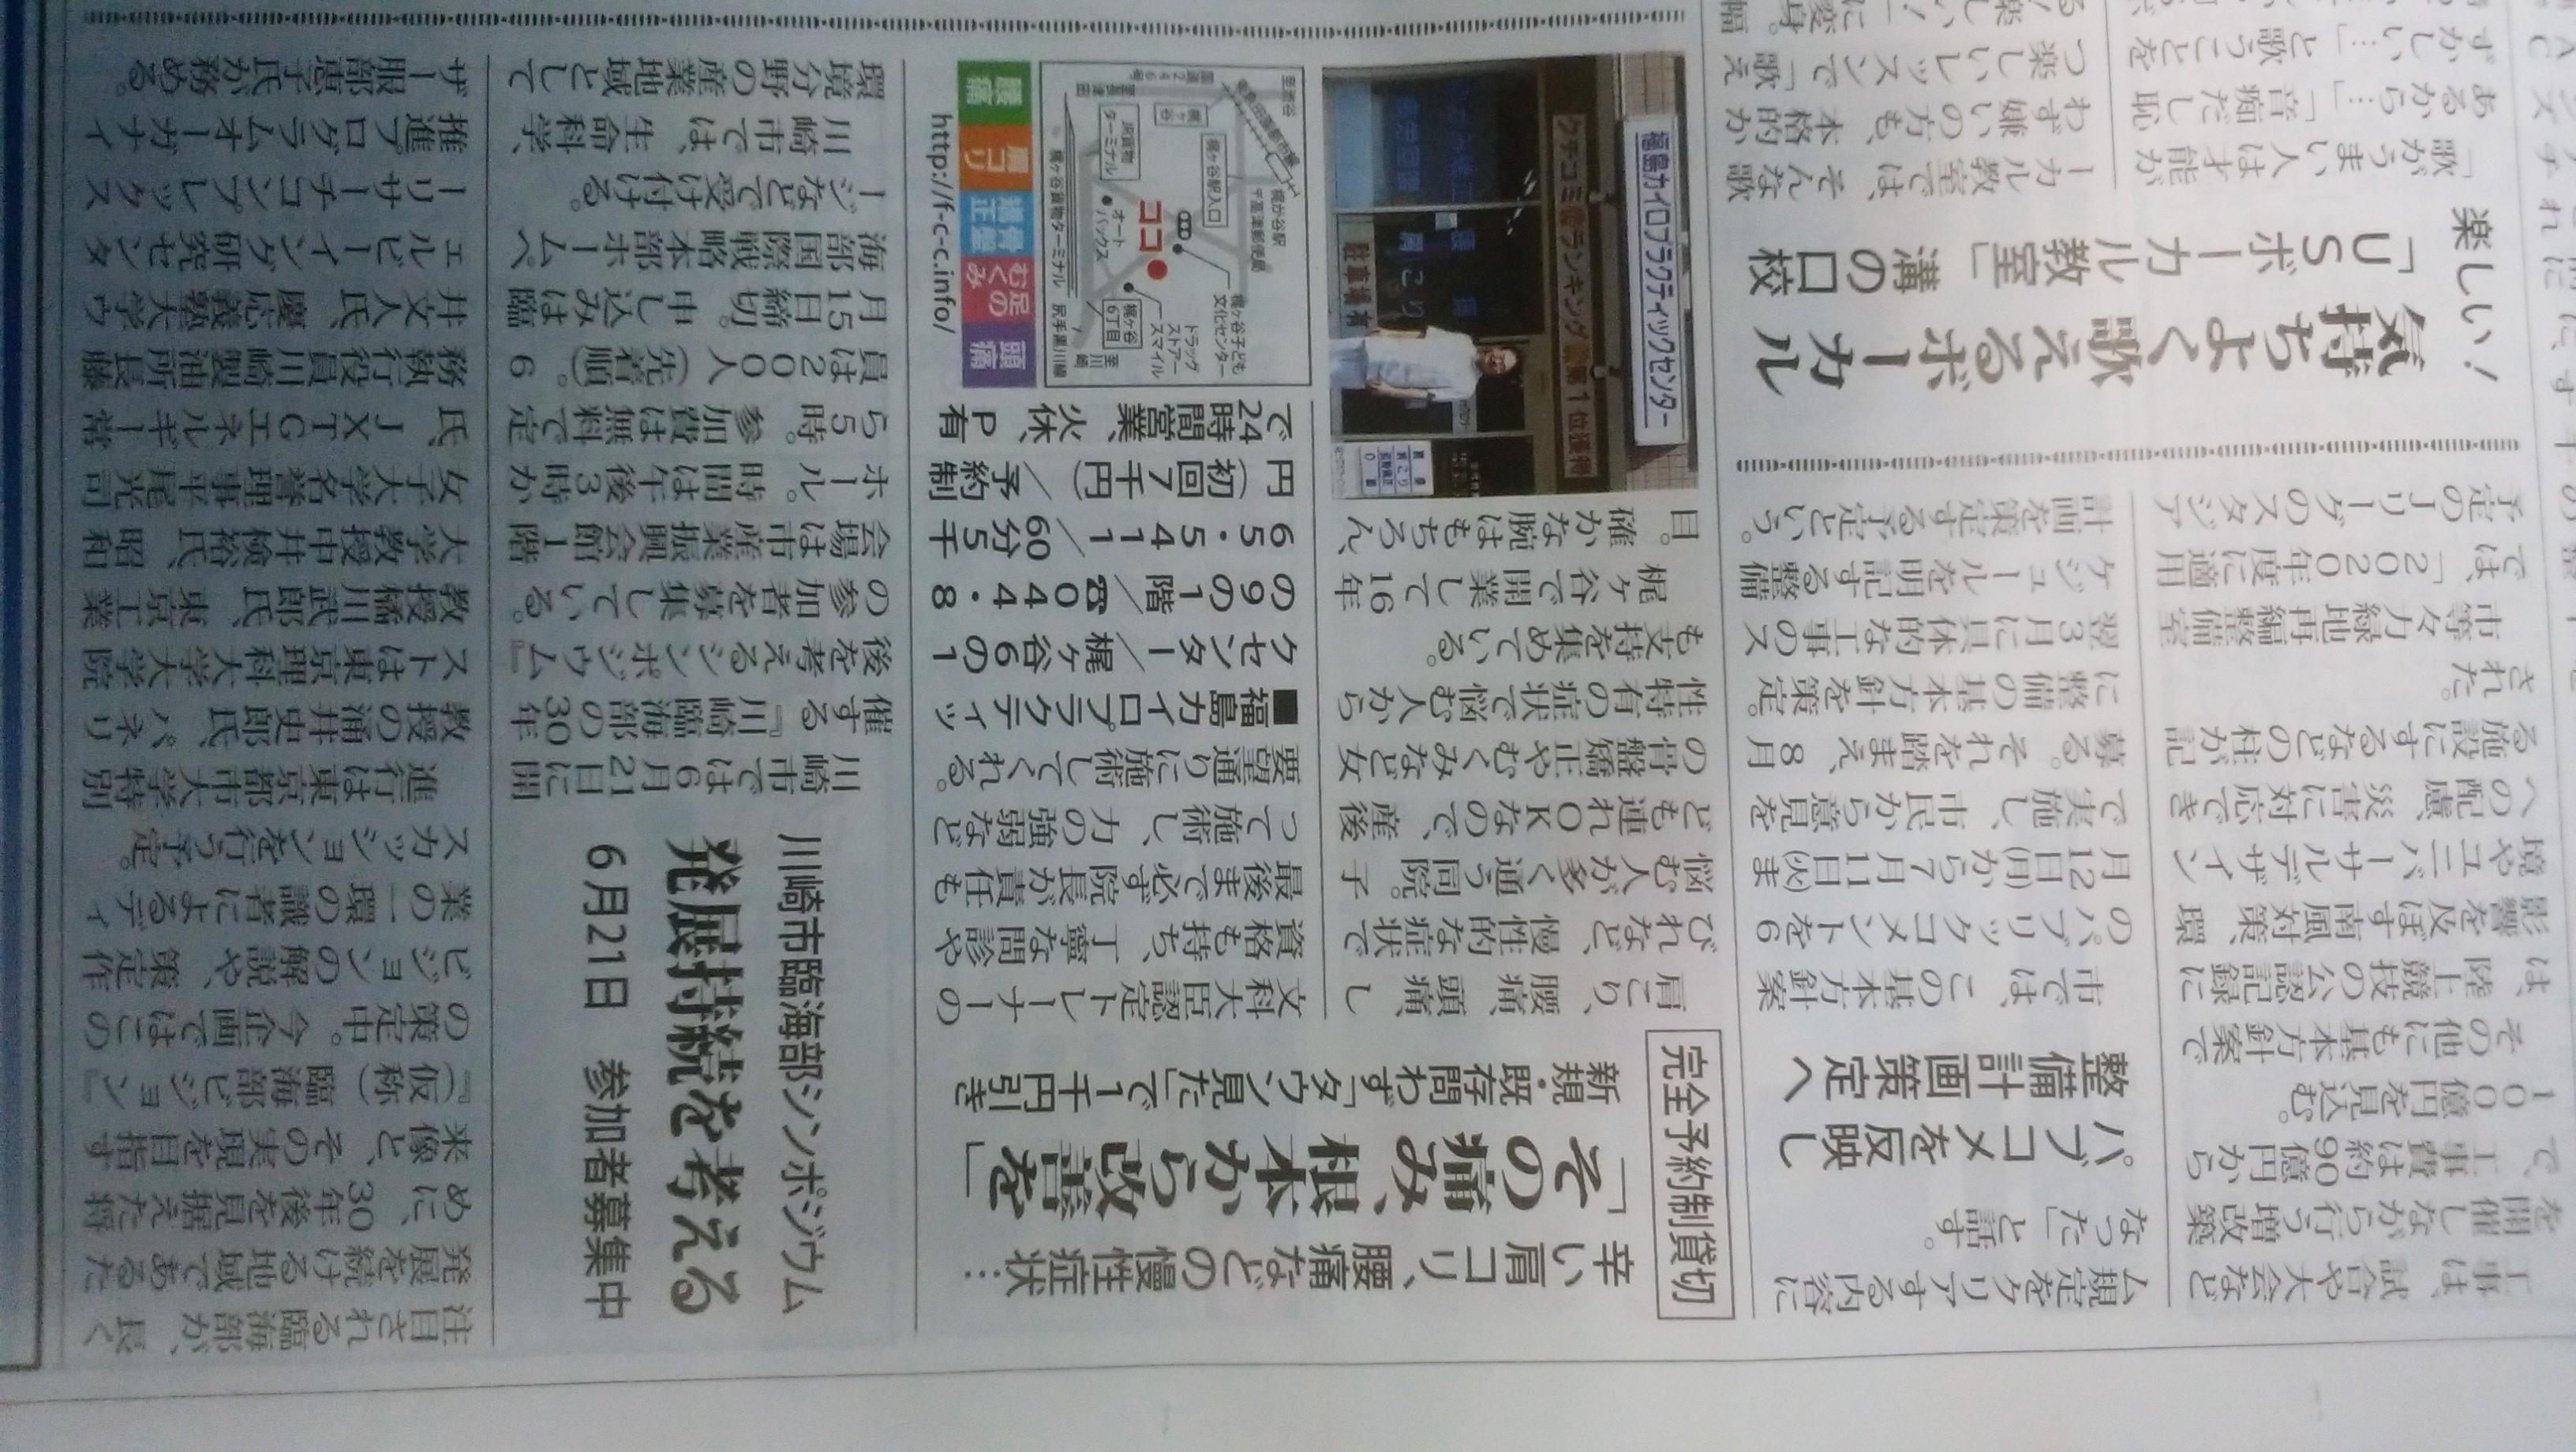 タウンニュースに掲載された福島カイロプラクティックセンターの記事